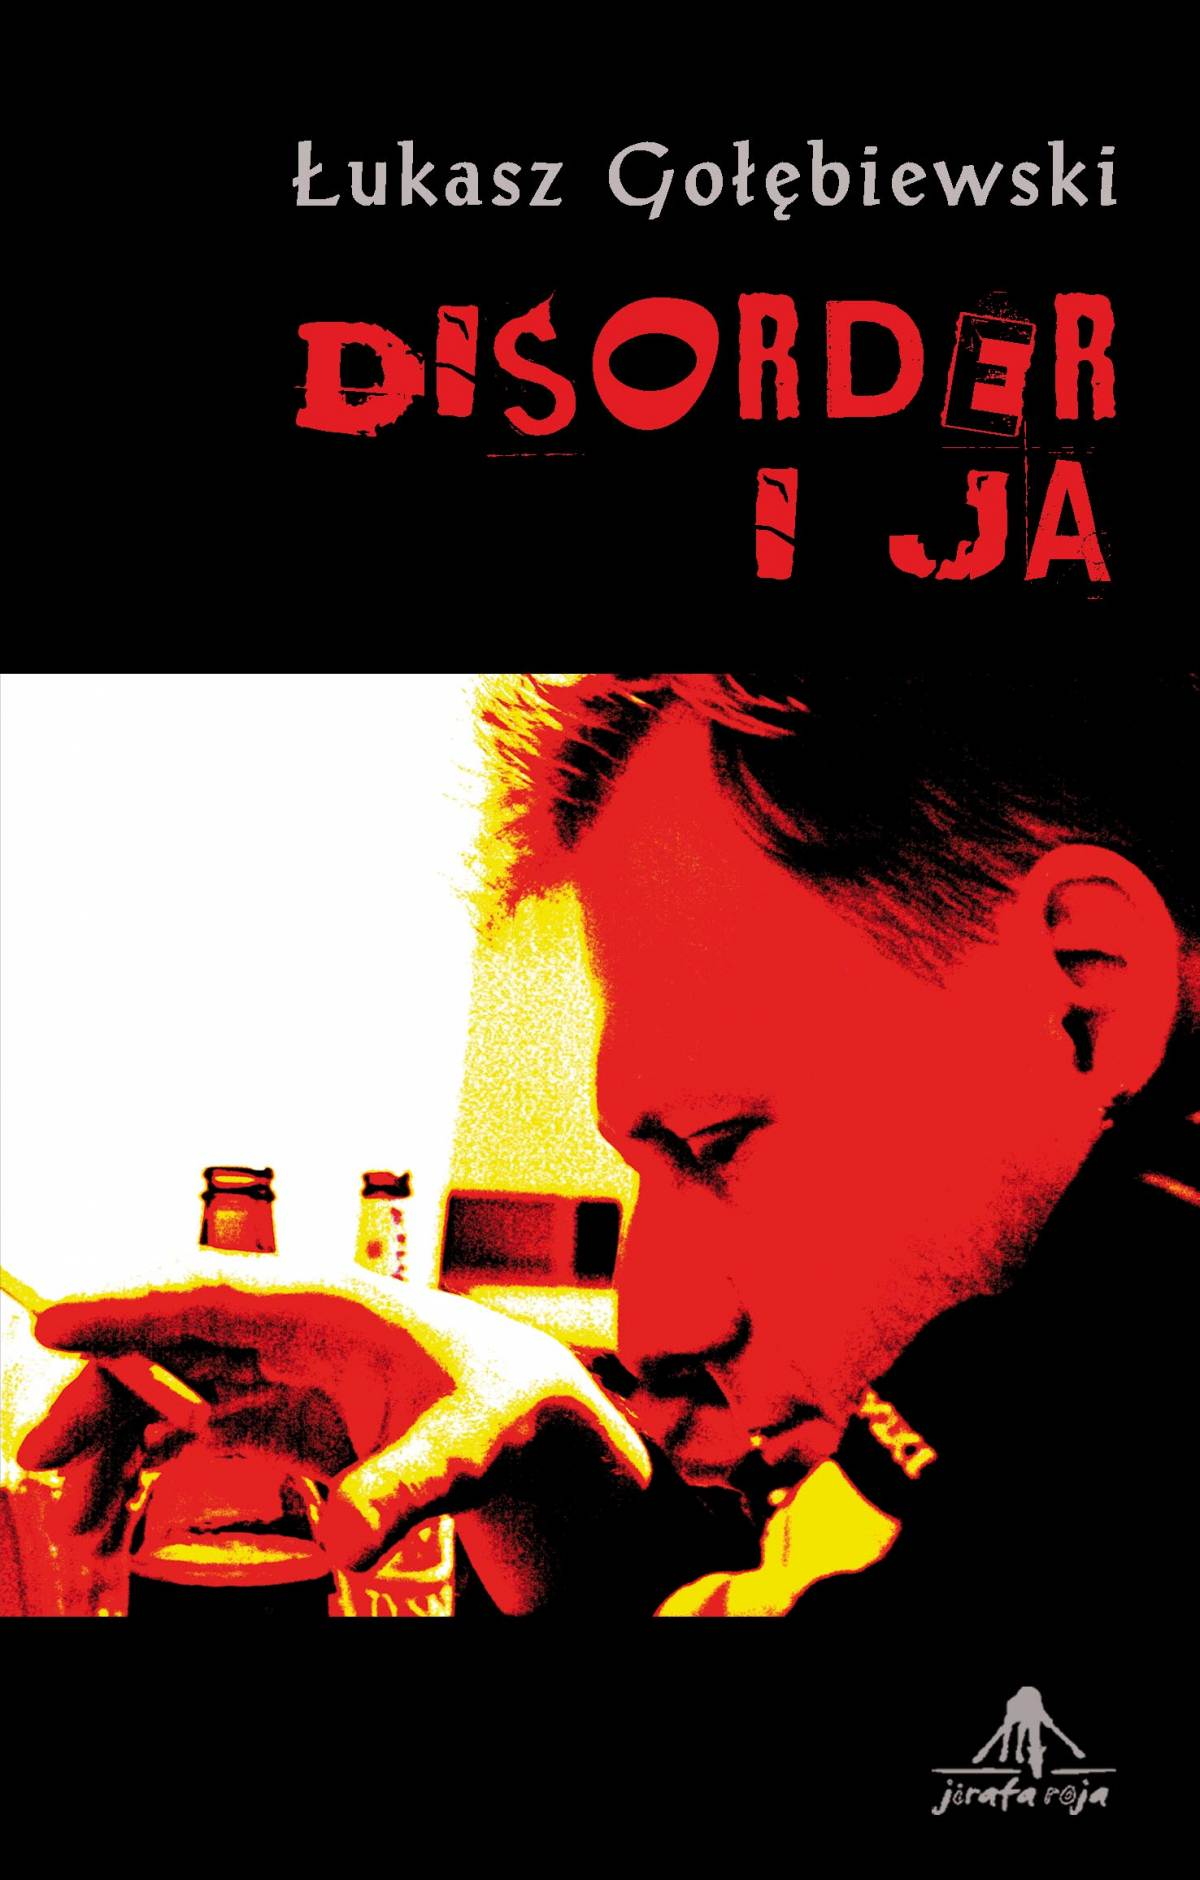 Disorder i ja - Ebook (Książka PDF) do pobrania w formacie PDF